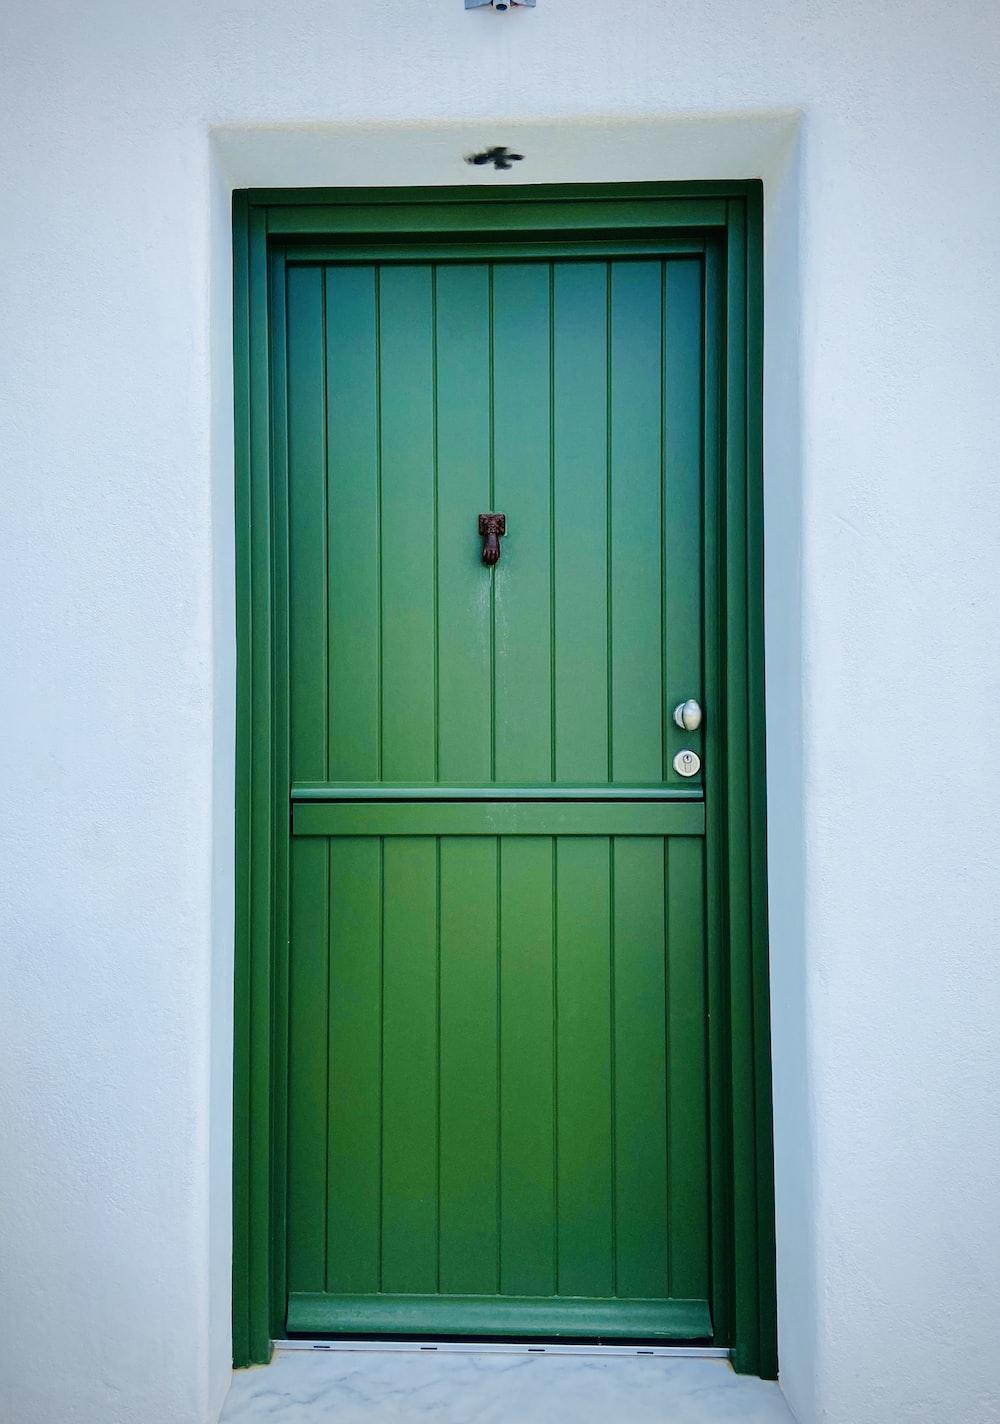 blue wooden door with red door knob